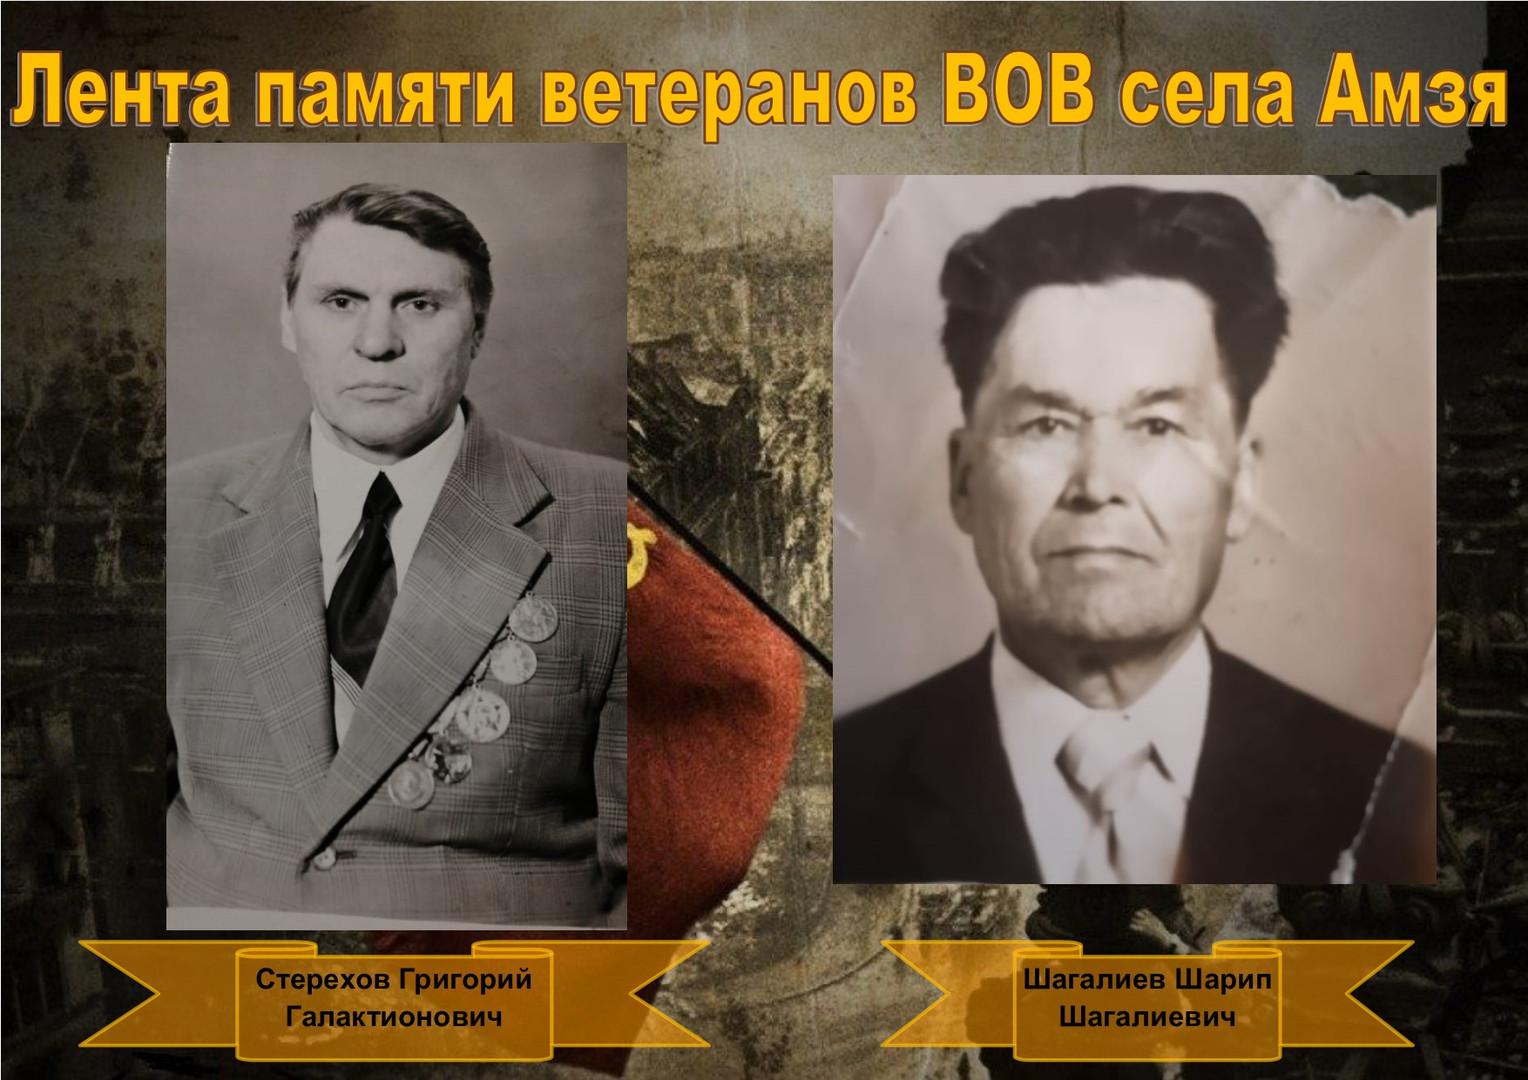 Стерехов-Шагалиев.jpg